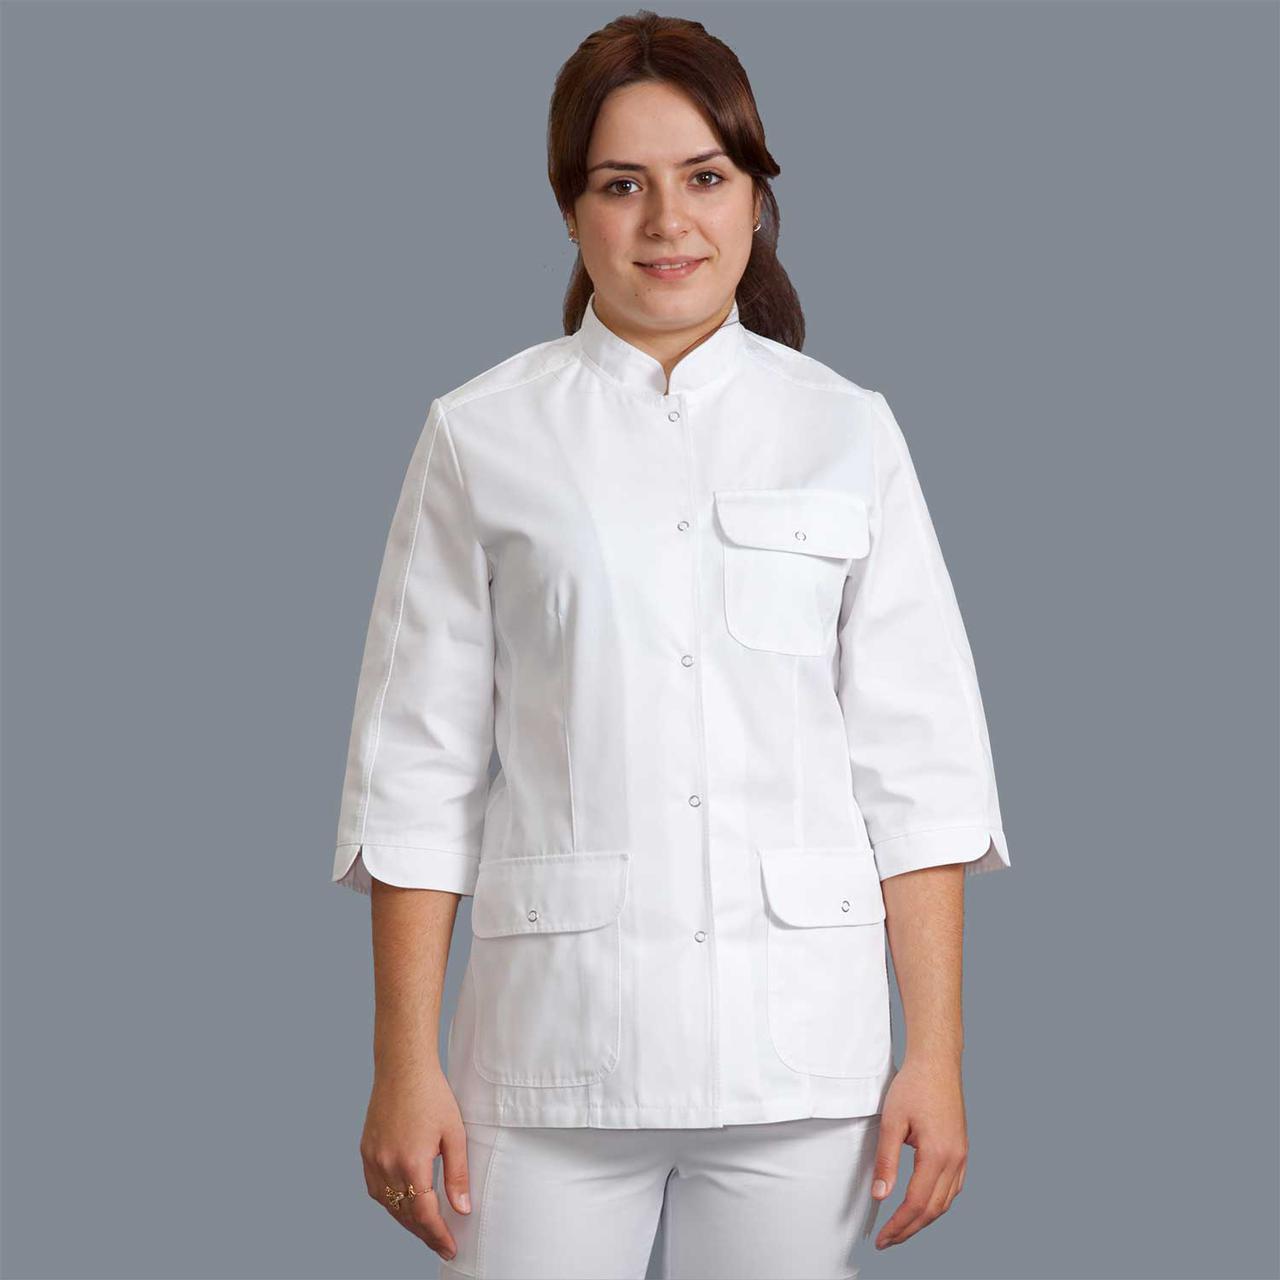 Медицинская женская куртка Жасмин р.42 (пл.тк. 210)